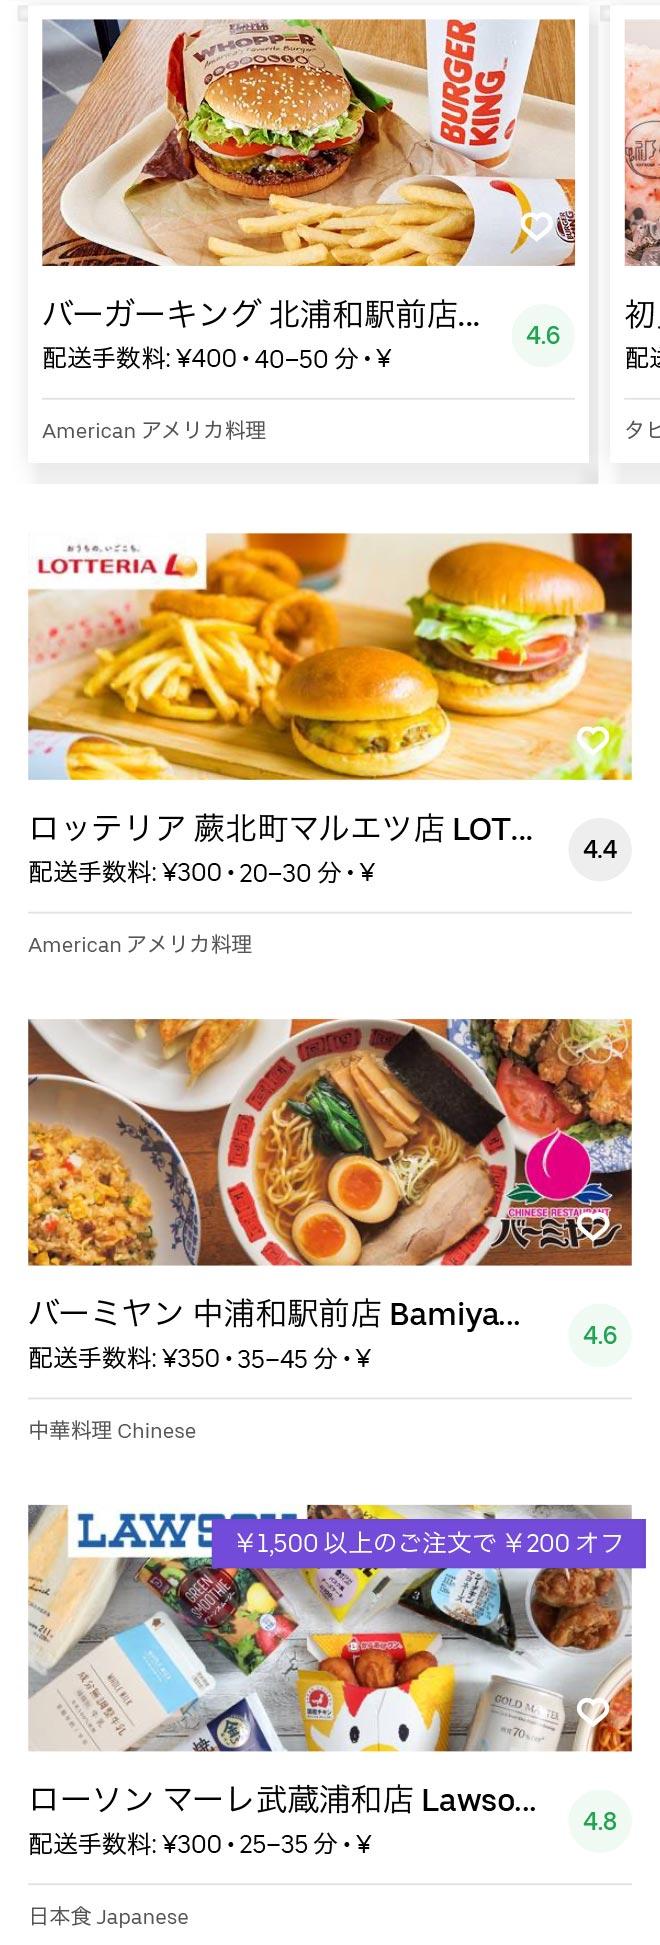 Saitama minami urawa menu 2006 02